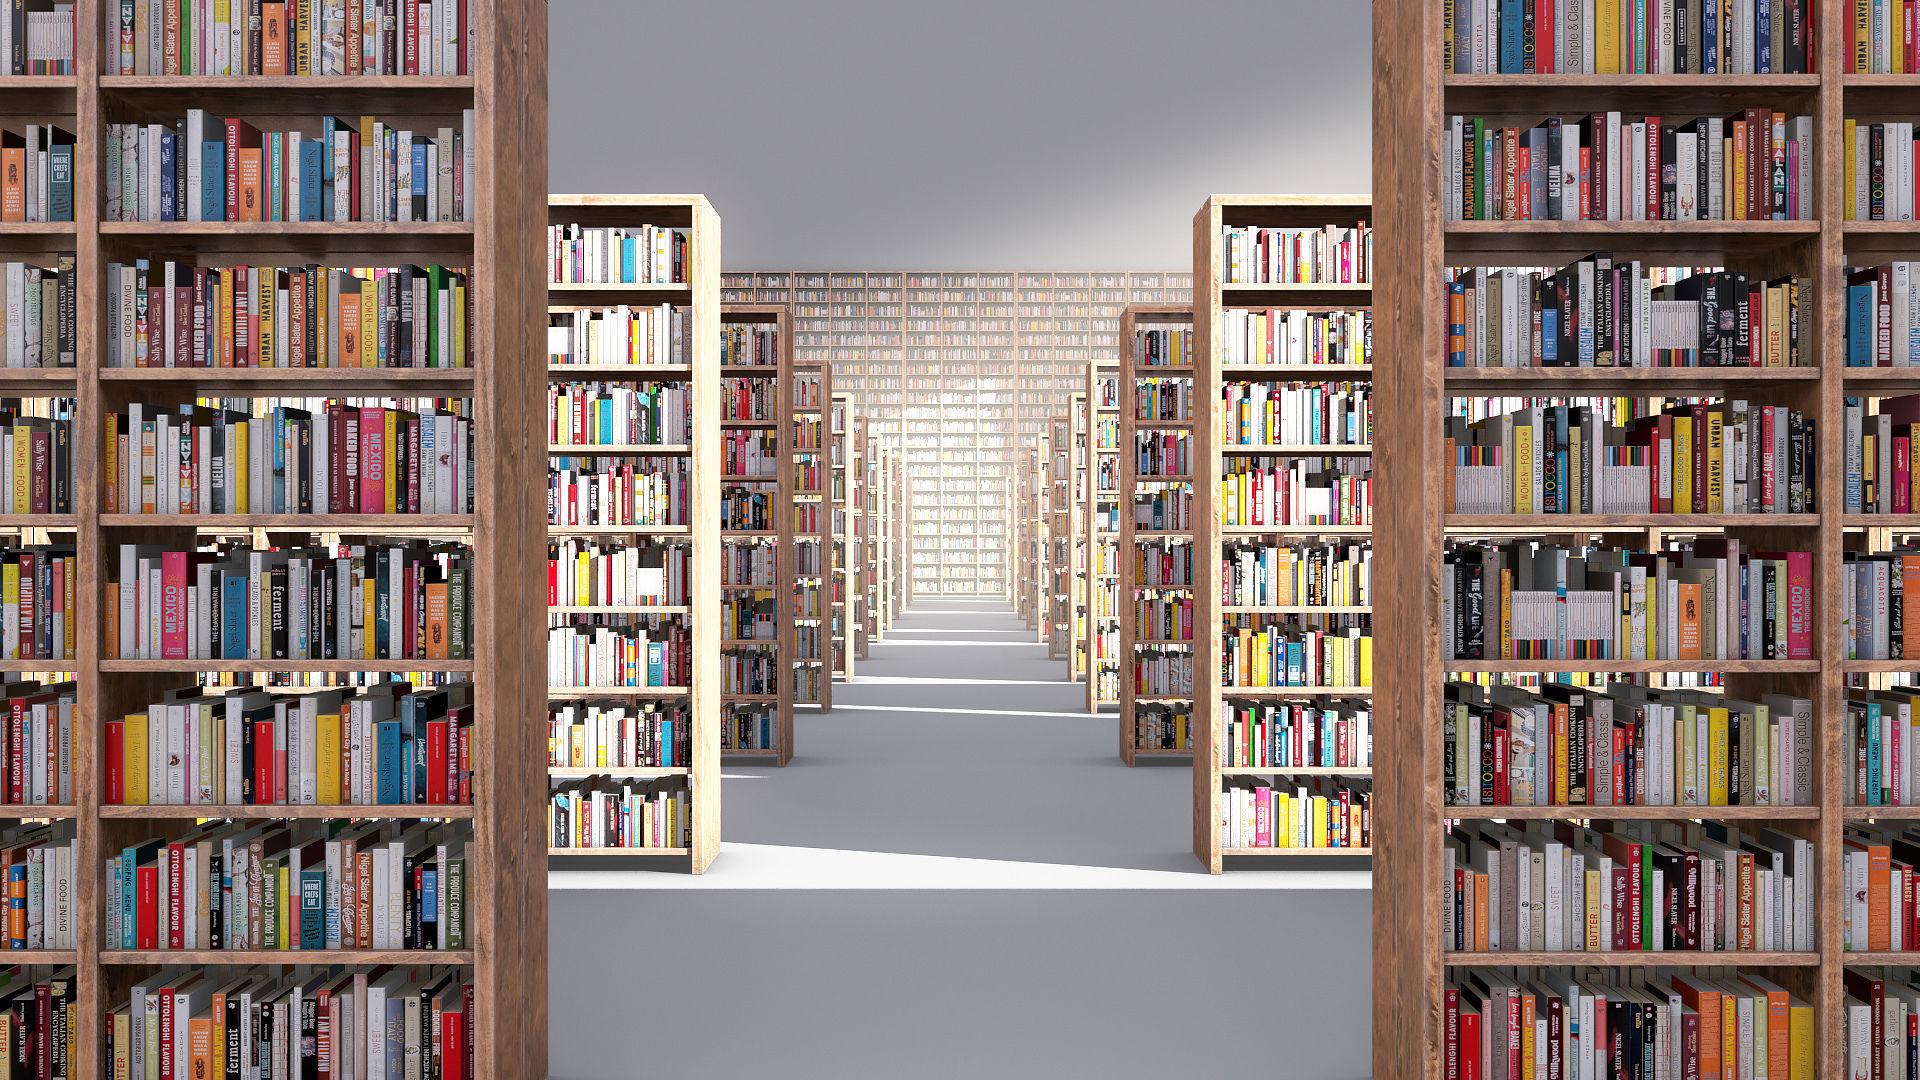 Library books shelves